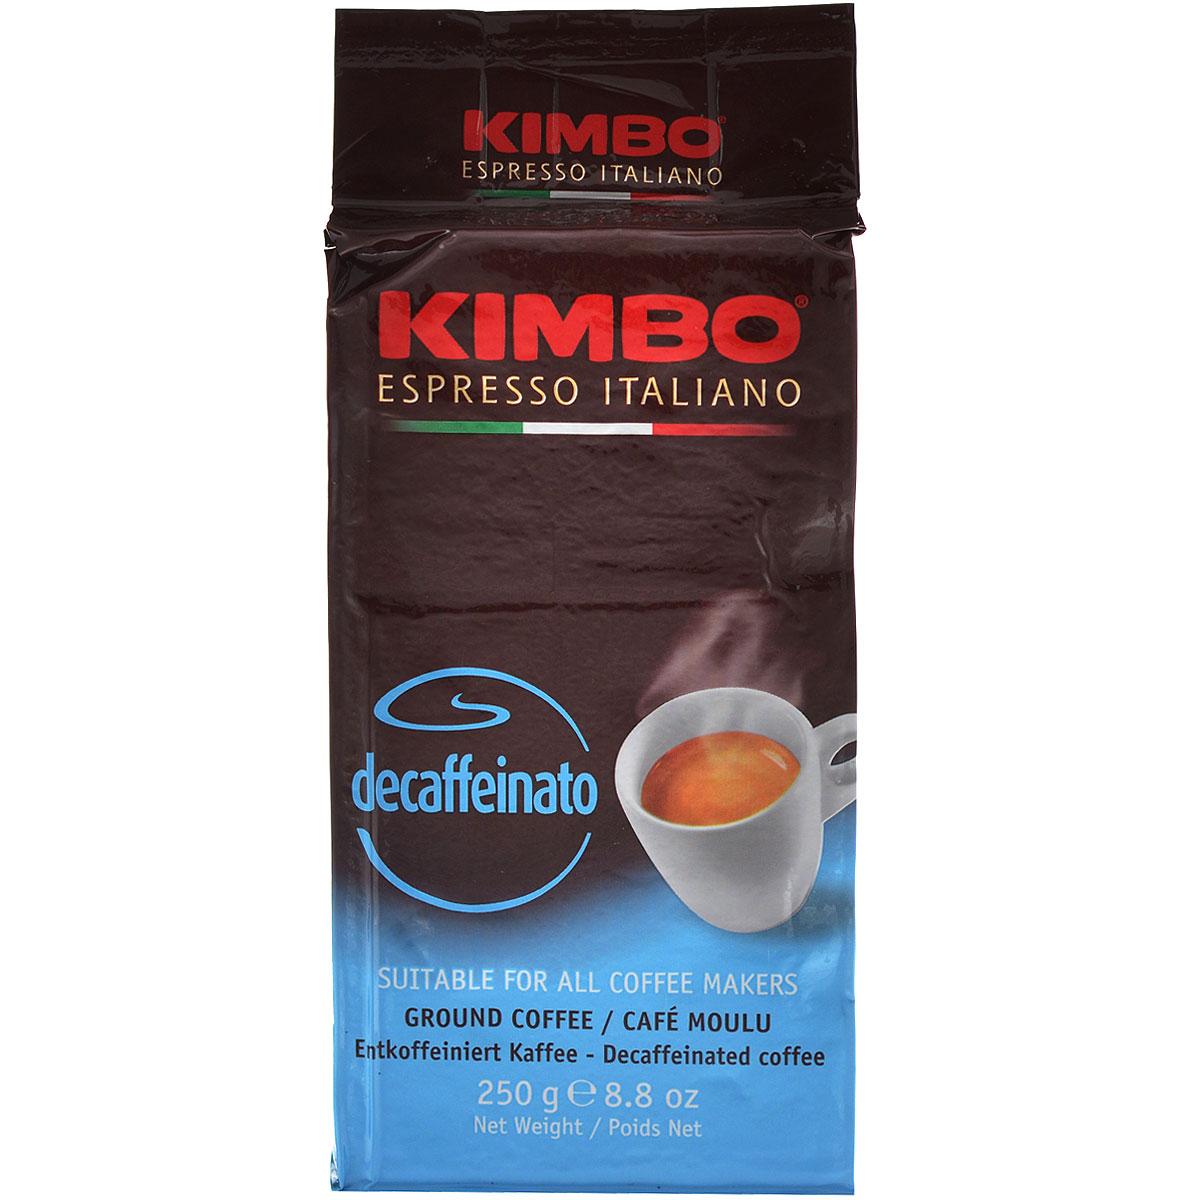 Kimbo Decaffeinato кофе молотый, 250 г101246Натуральный жареный молотый кофе Kimbo Decaffeinato. Великолепный итальянский кофе без кофеина, который сохранил насыщенный аромат и богатый вкус классического эспрессо.